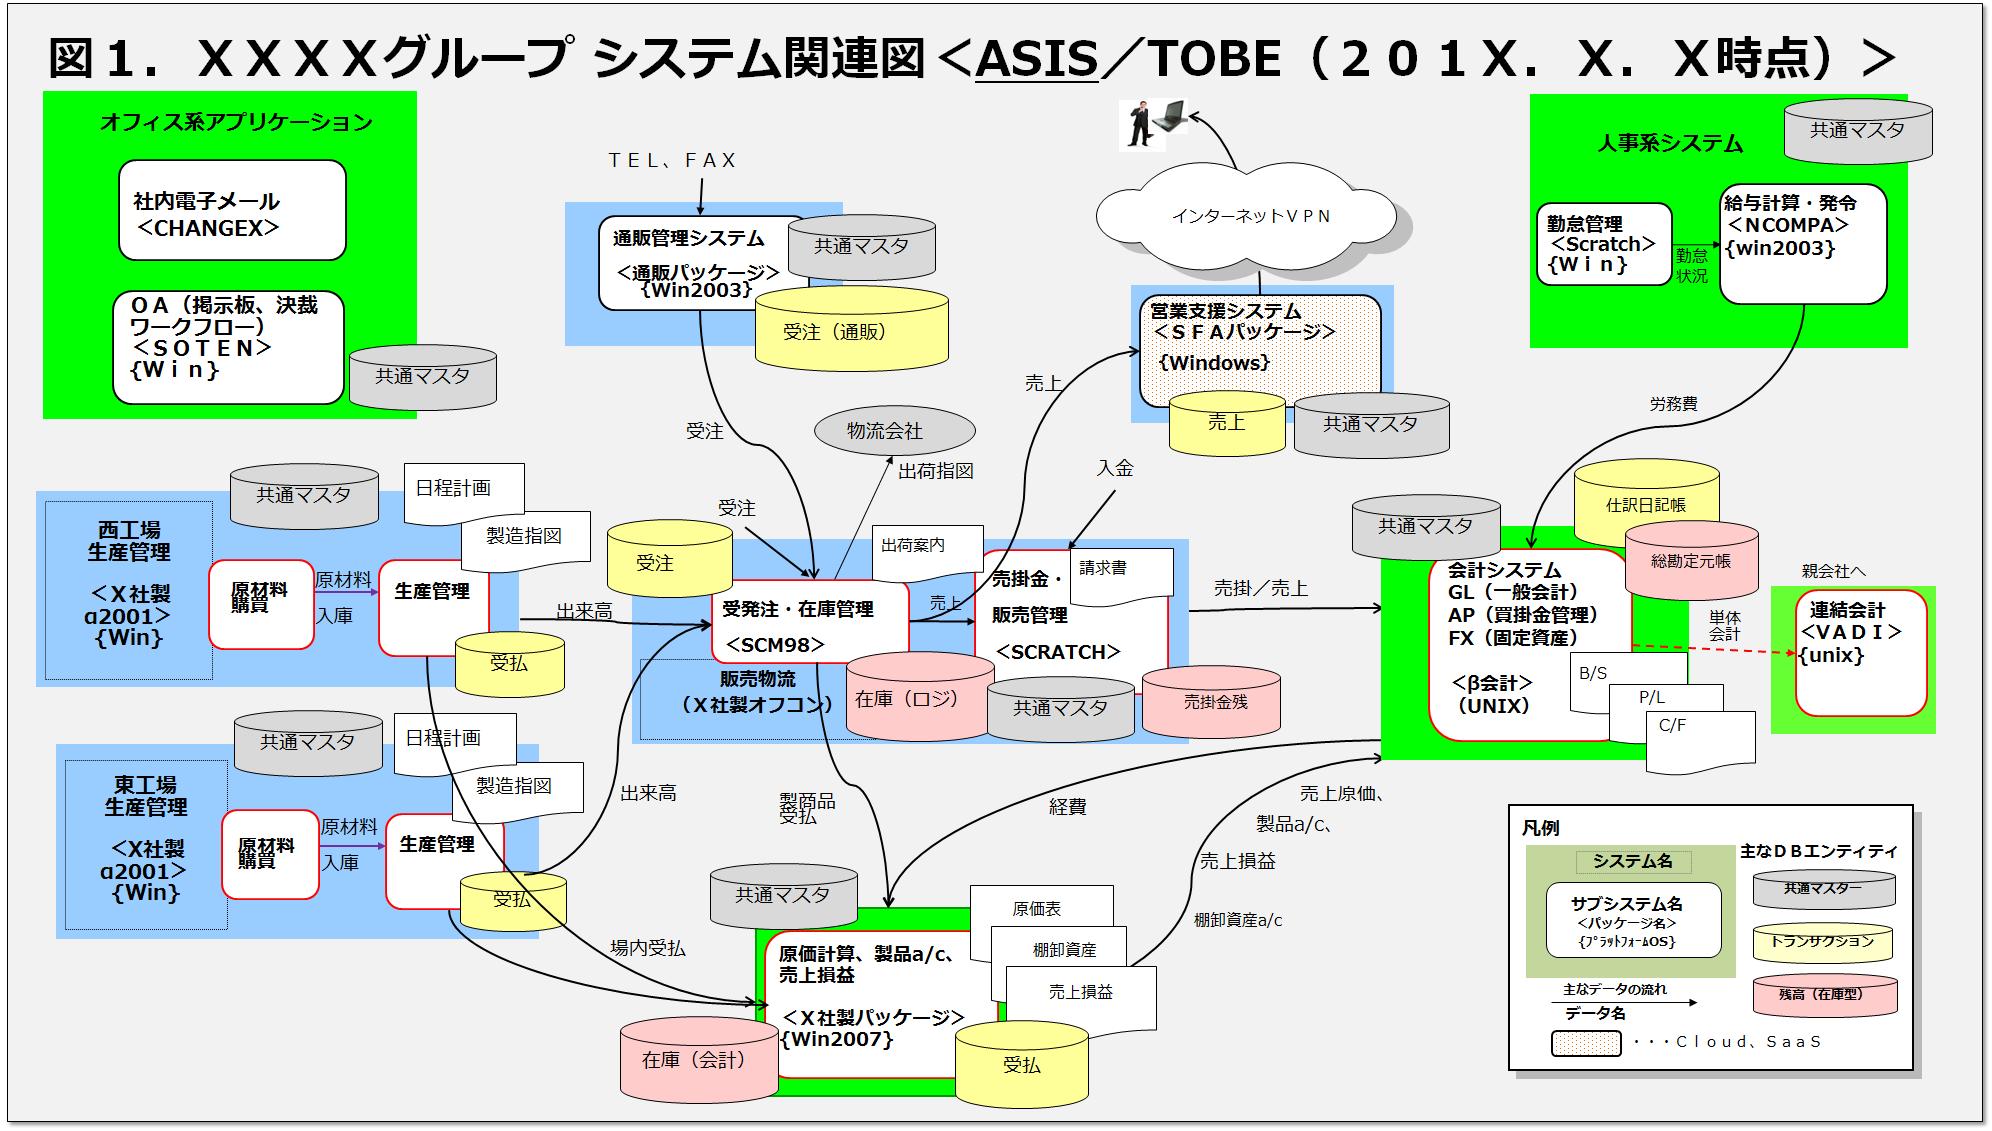 システム関連図(良いサンプル)